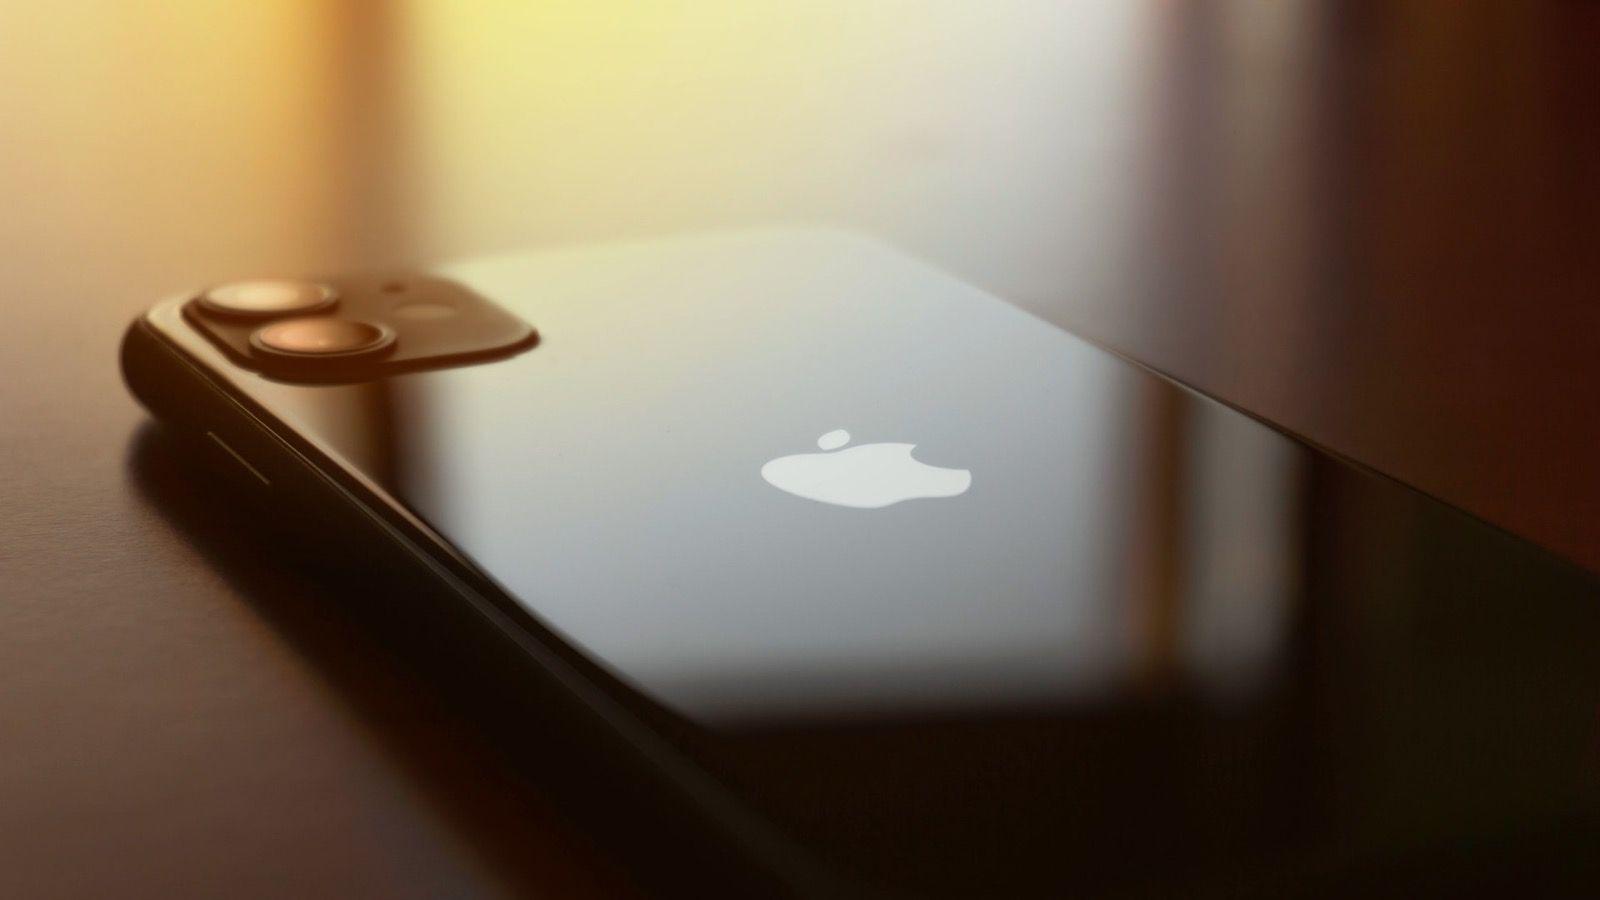 Wymiana szybki w iPhone 11 w Szczecinie